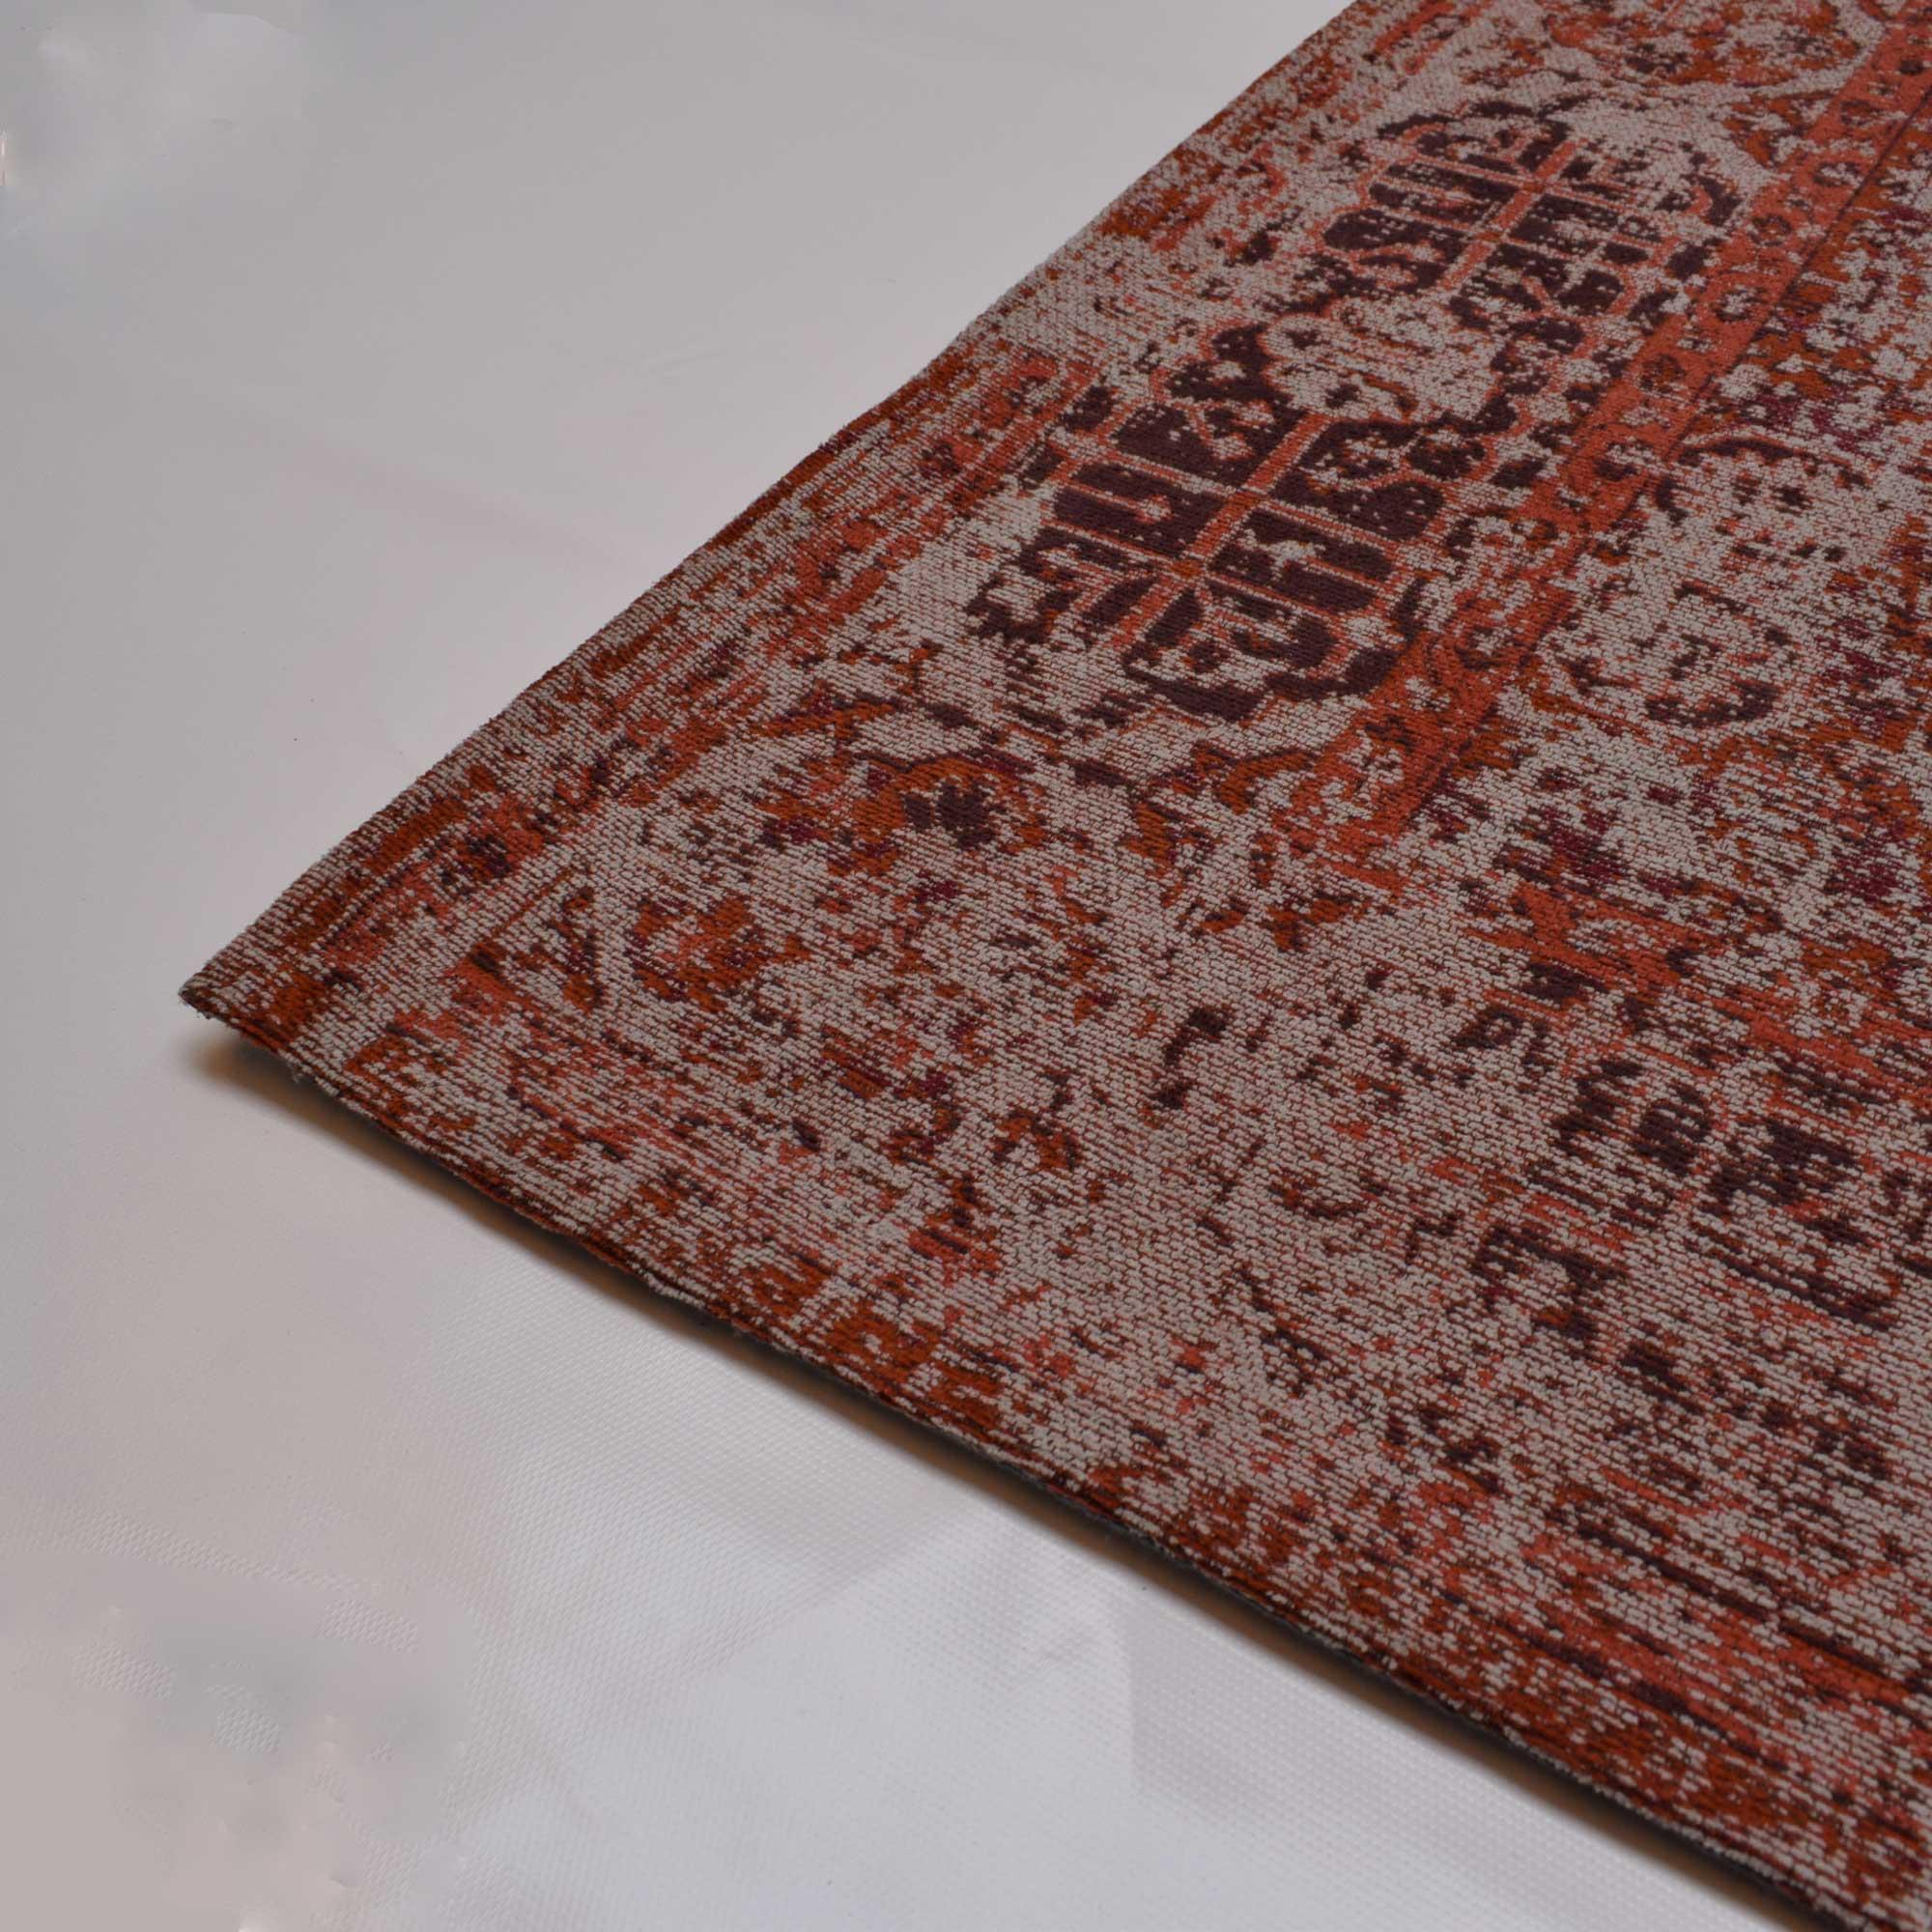 ceb08438b2747c Rood vintage vloerkleed kopen